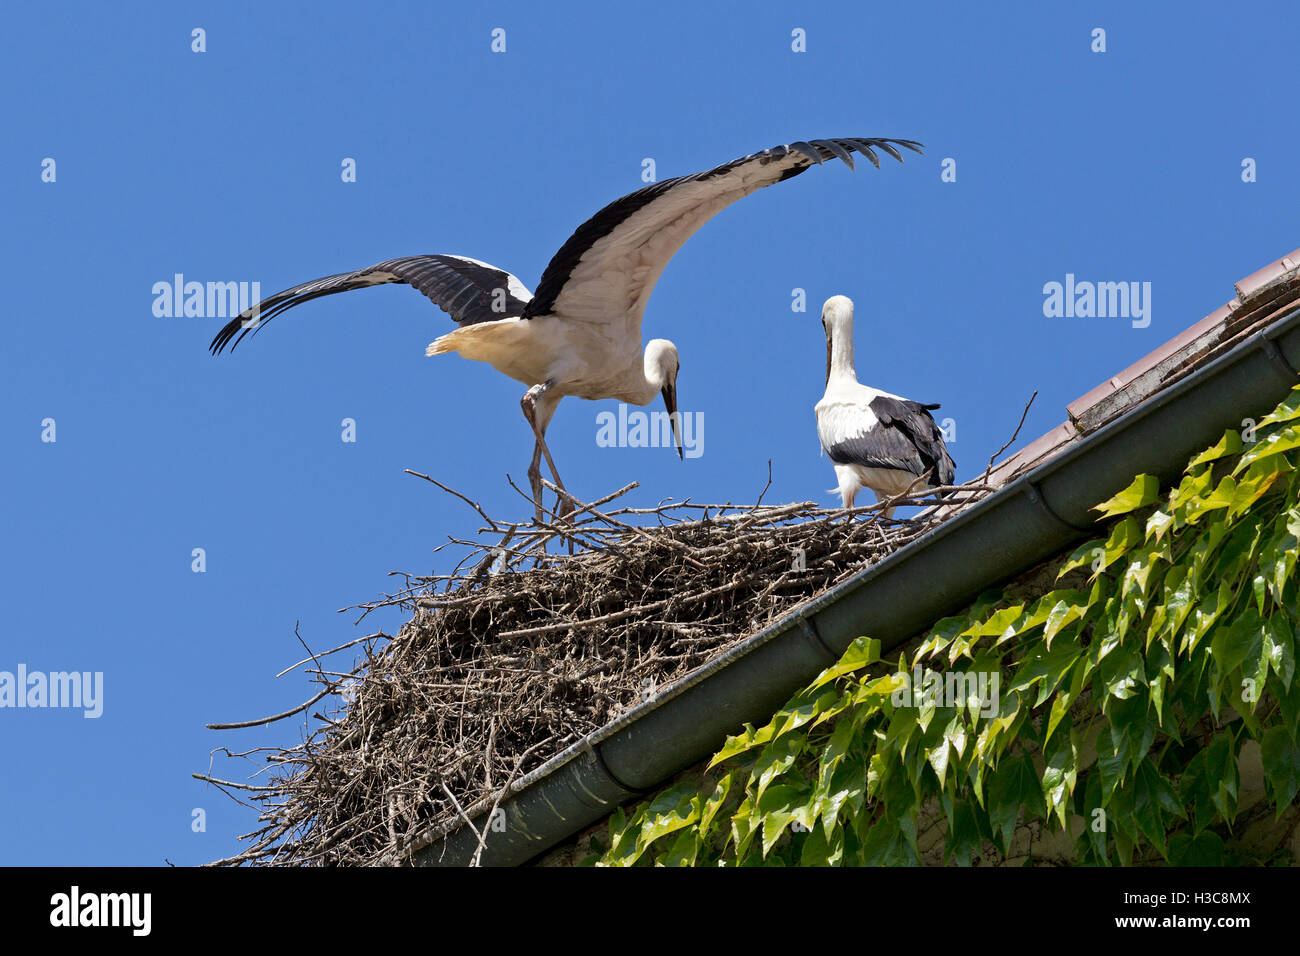 Störche in ihrem Nest in der Nähe von Bodensee, Baden-Württemberg, Deutschland Stockbild